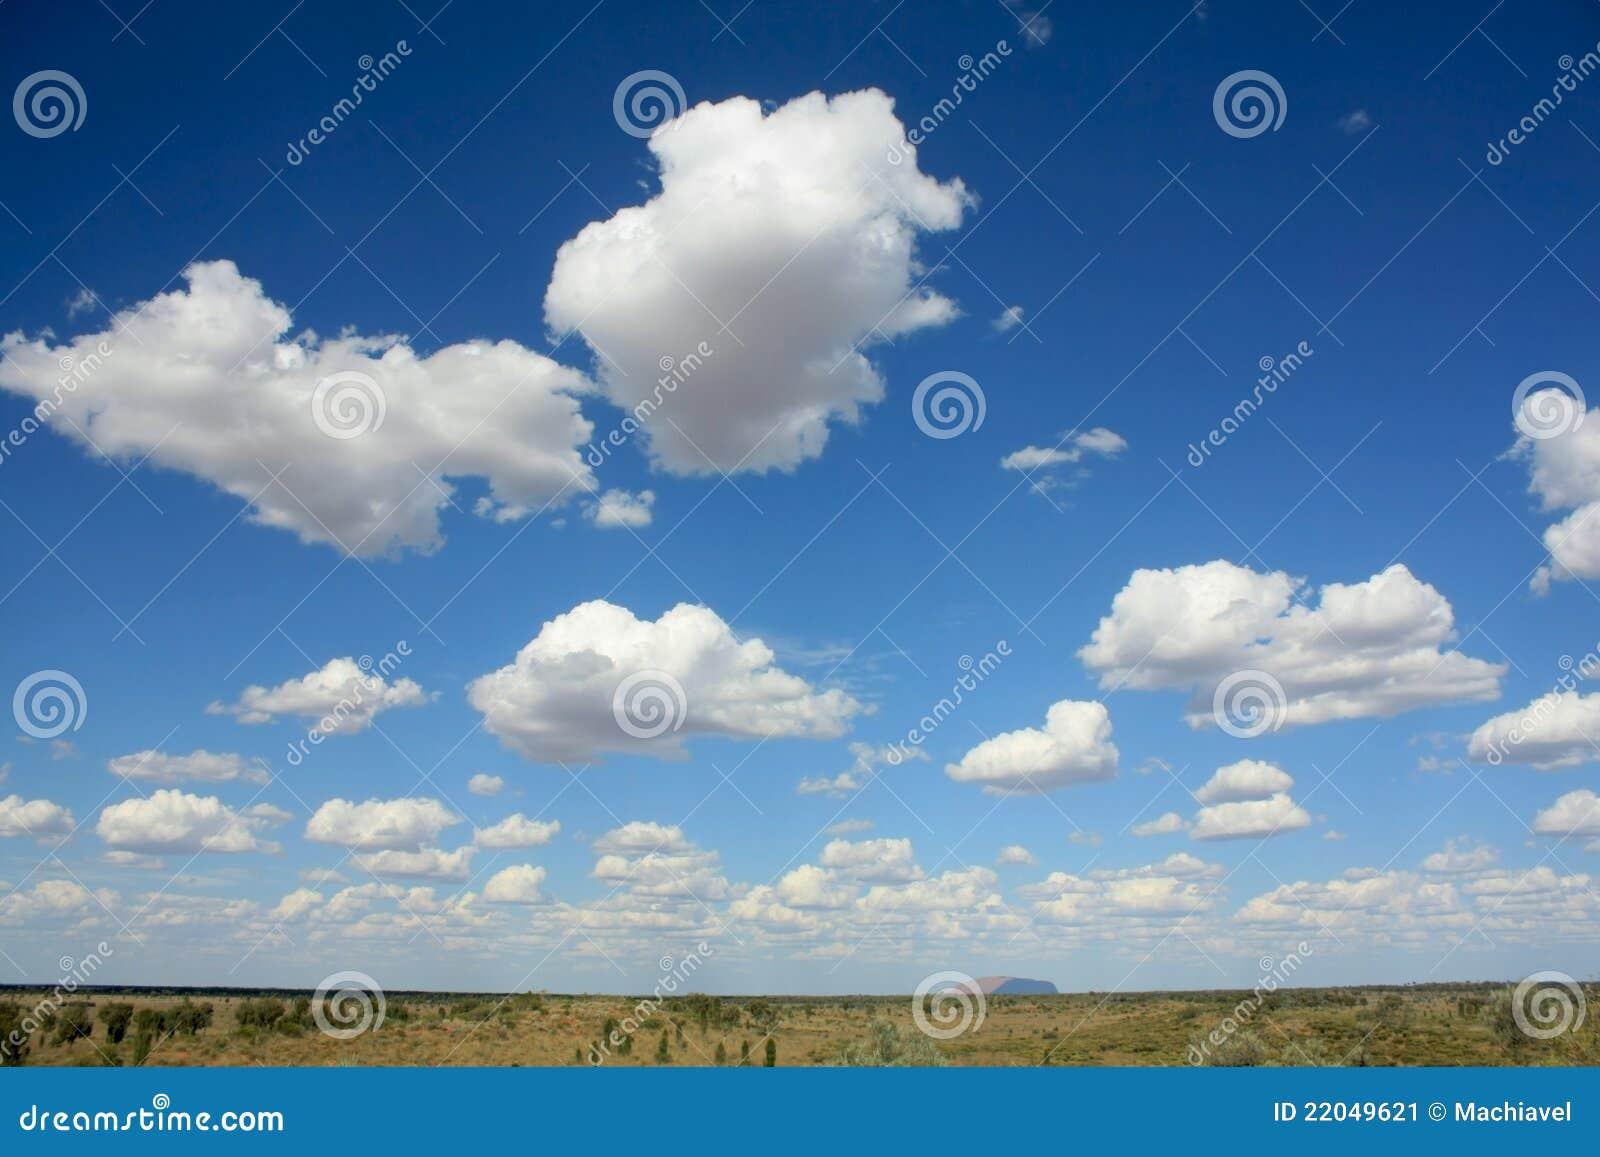 https://thumbs.dreamstime.com/z/uluru-horizon-et-nuages-%C3%A0-l-int%C3%A9rieur-australie-22049621.jpg